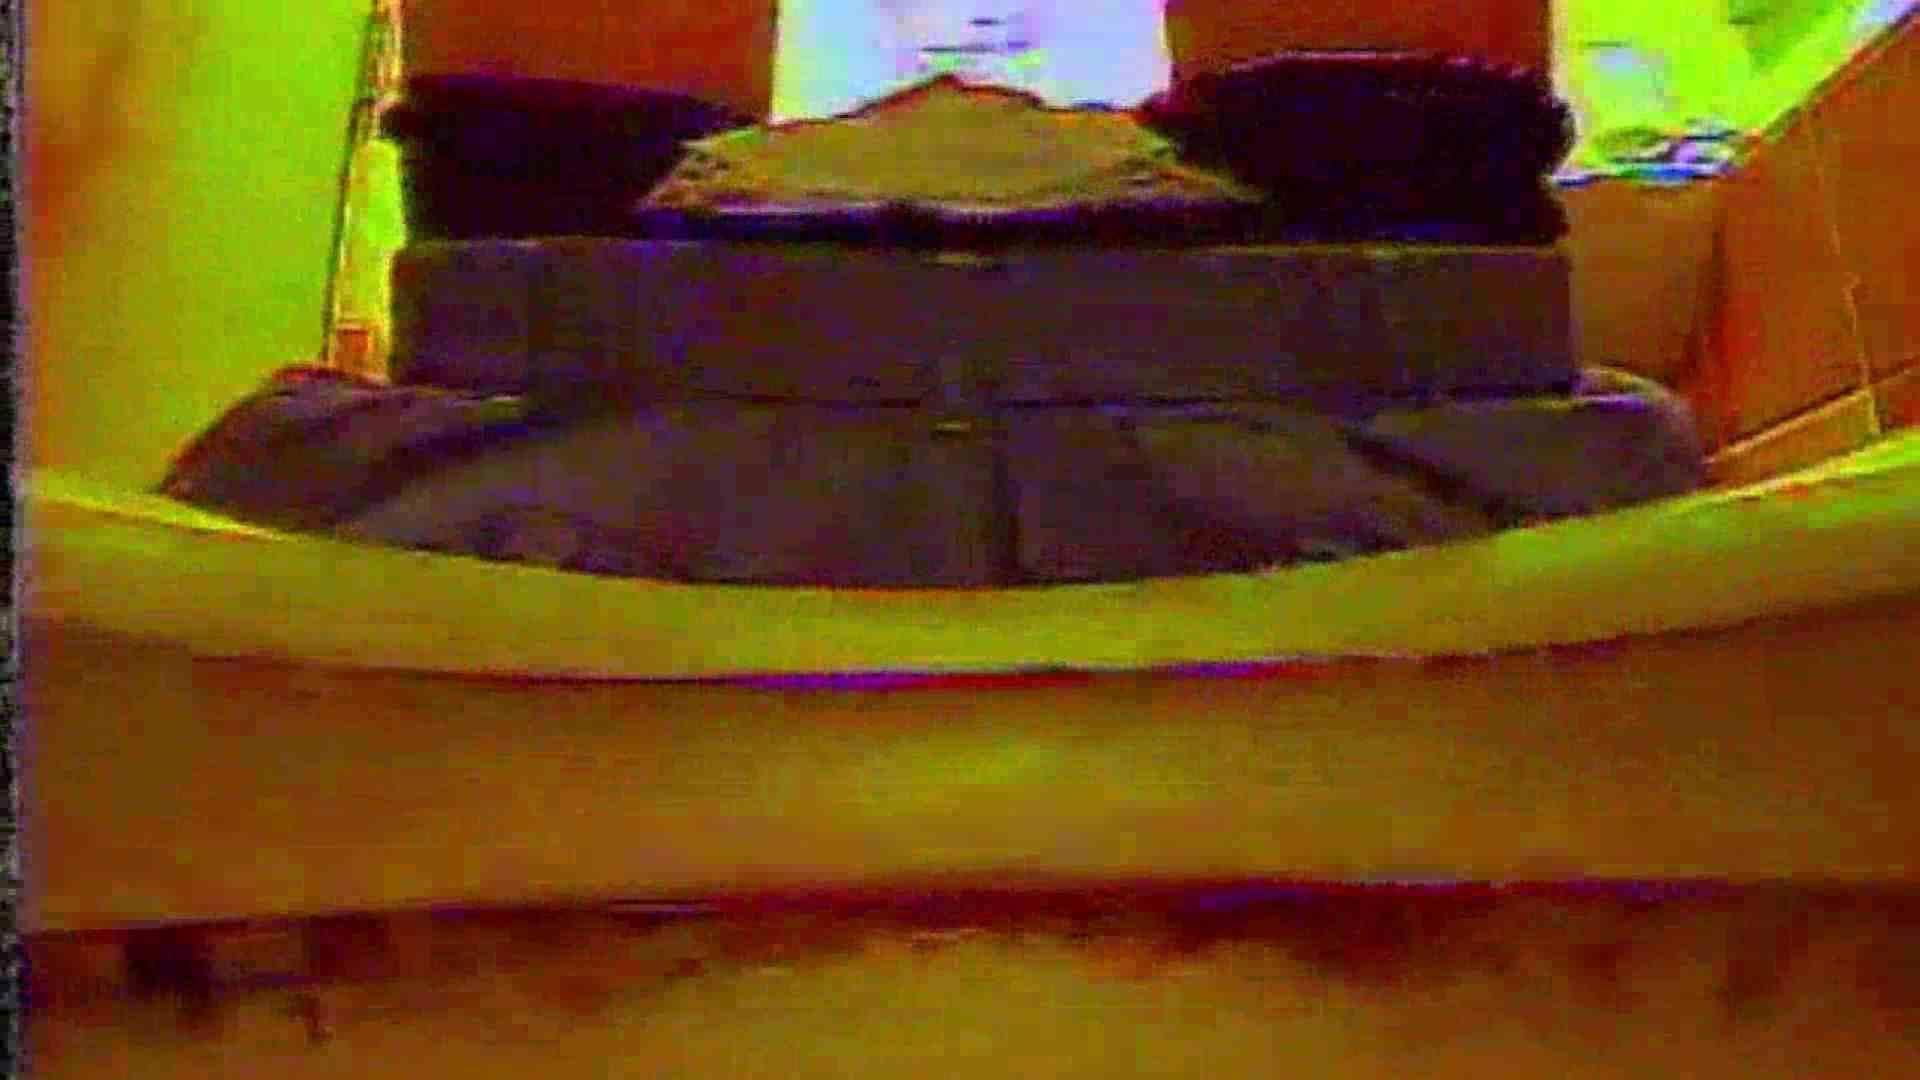 キレカワ女子大生の秘密の洗面所!Vol.048 学校 おまんこ無修正動画無料 109画像 94